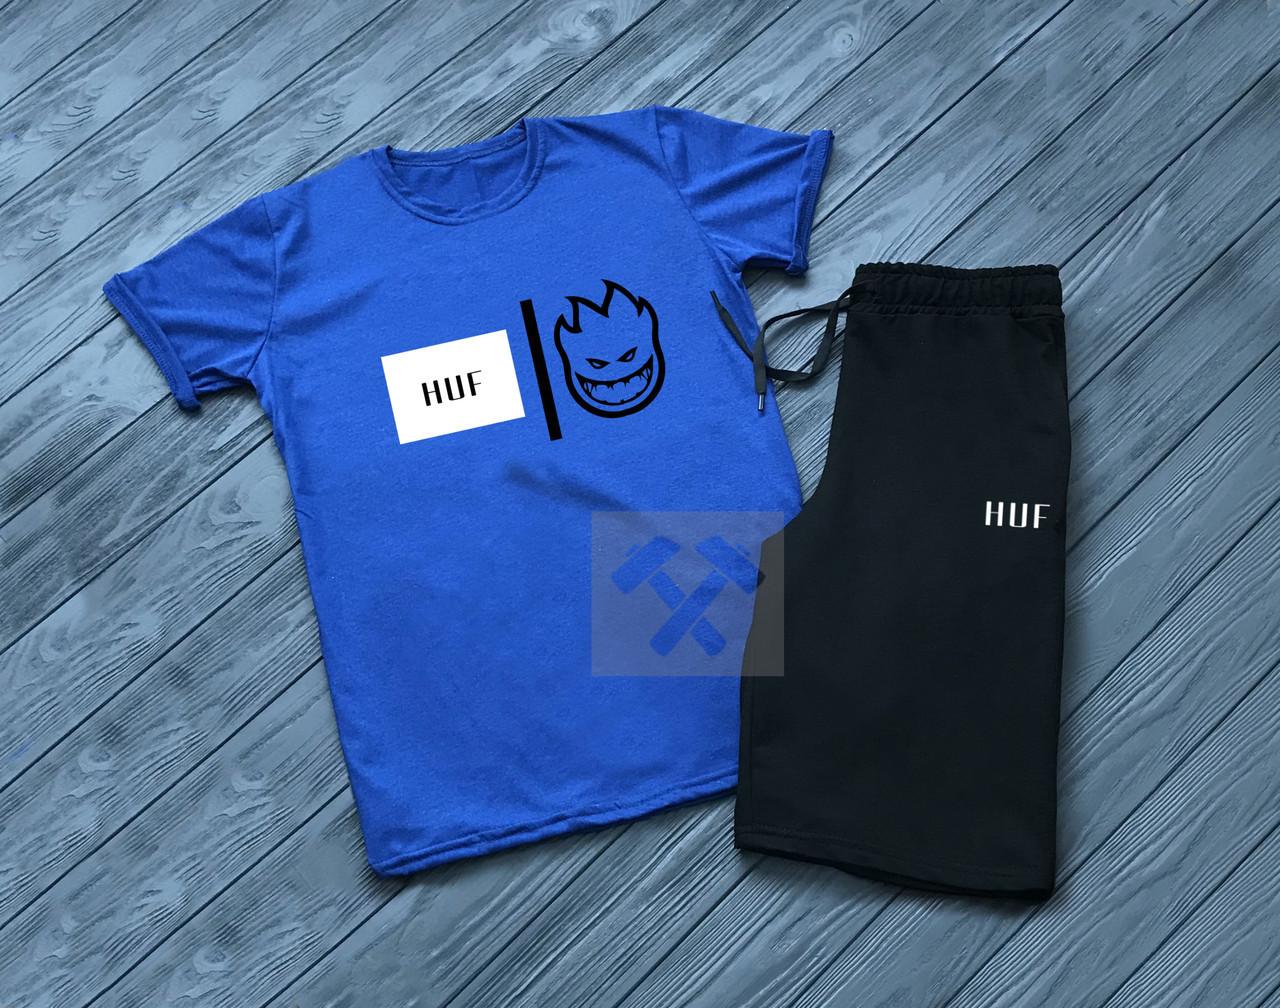 Мужской комплект футболка + шортыв стиле HUF синего и черного цвета